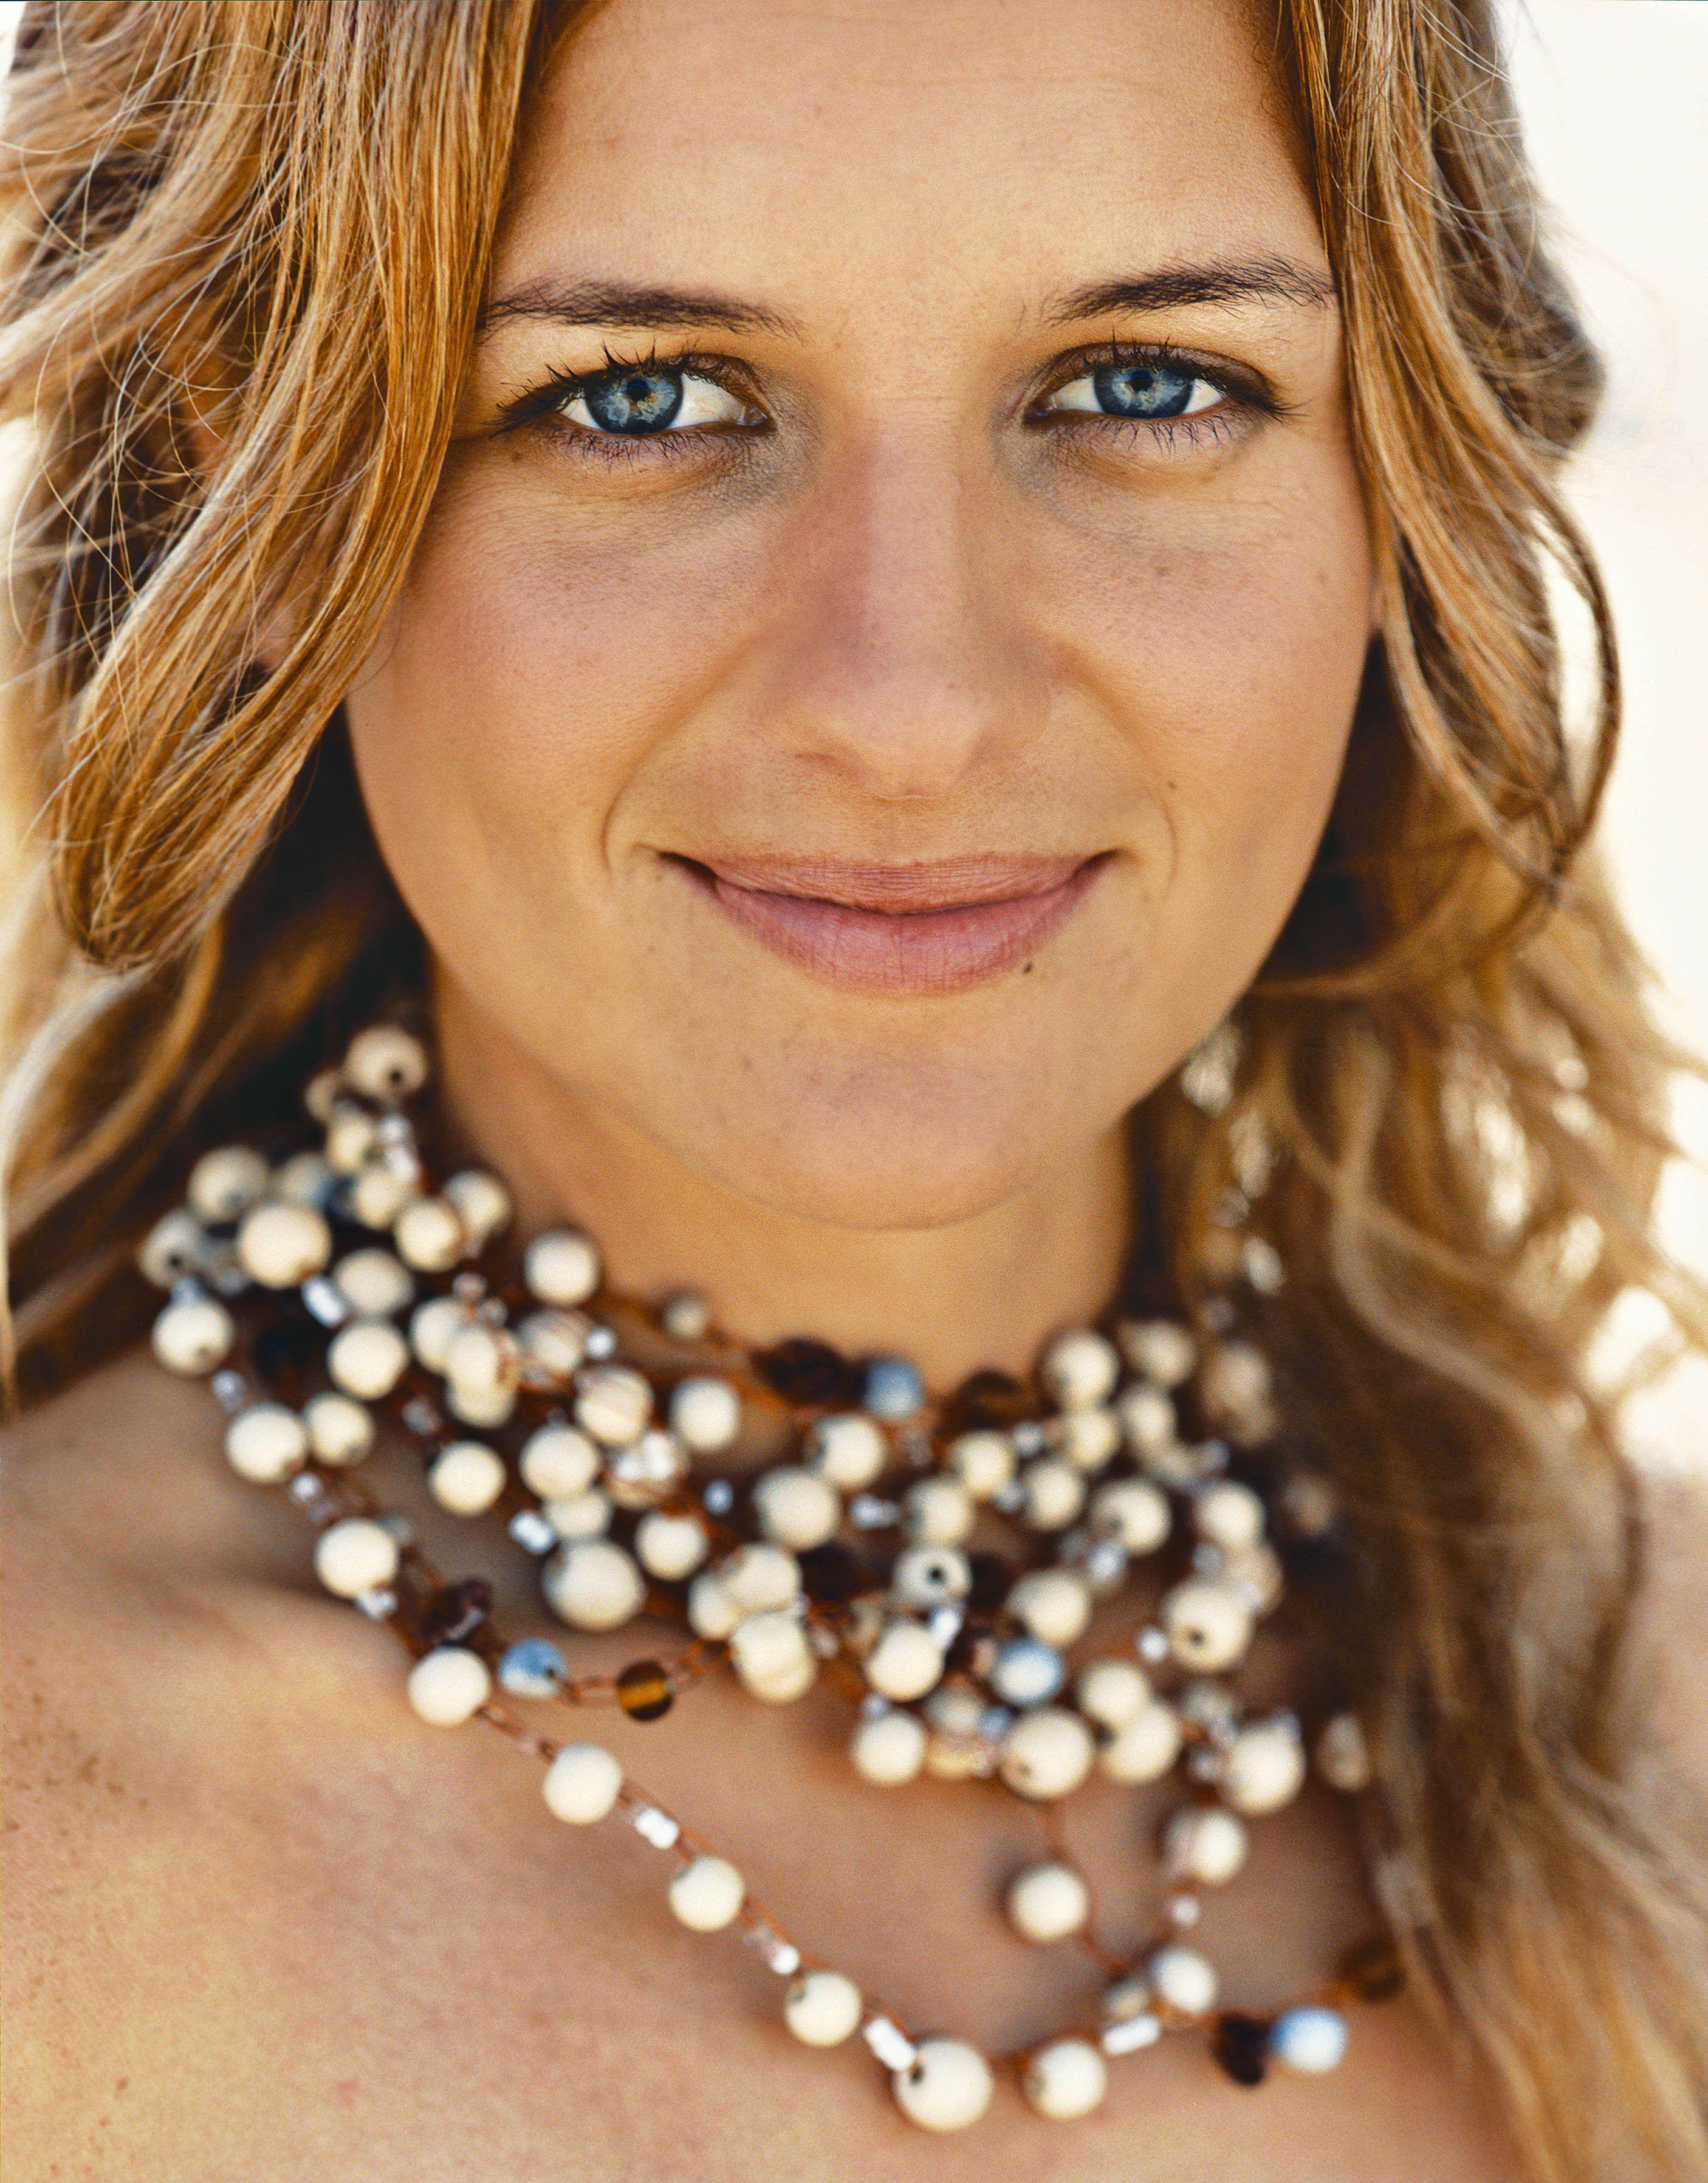 Marguerite Wheatley Nude Photos 11